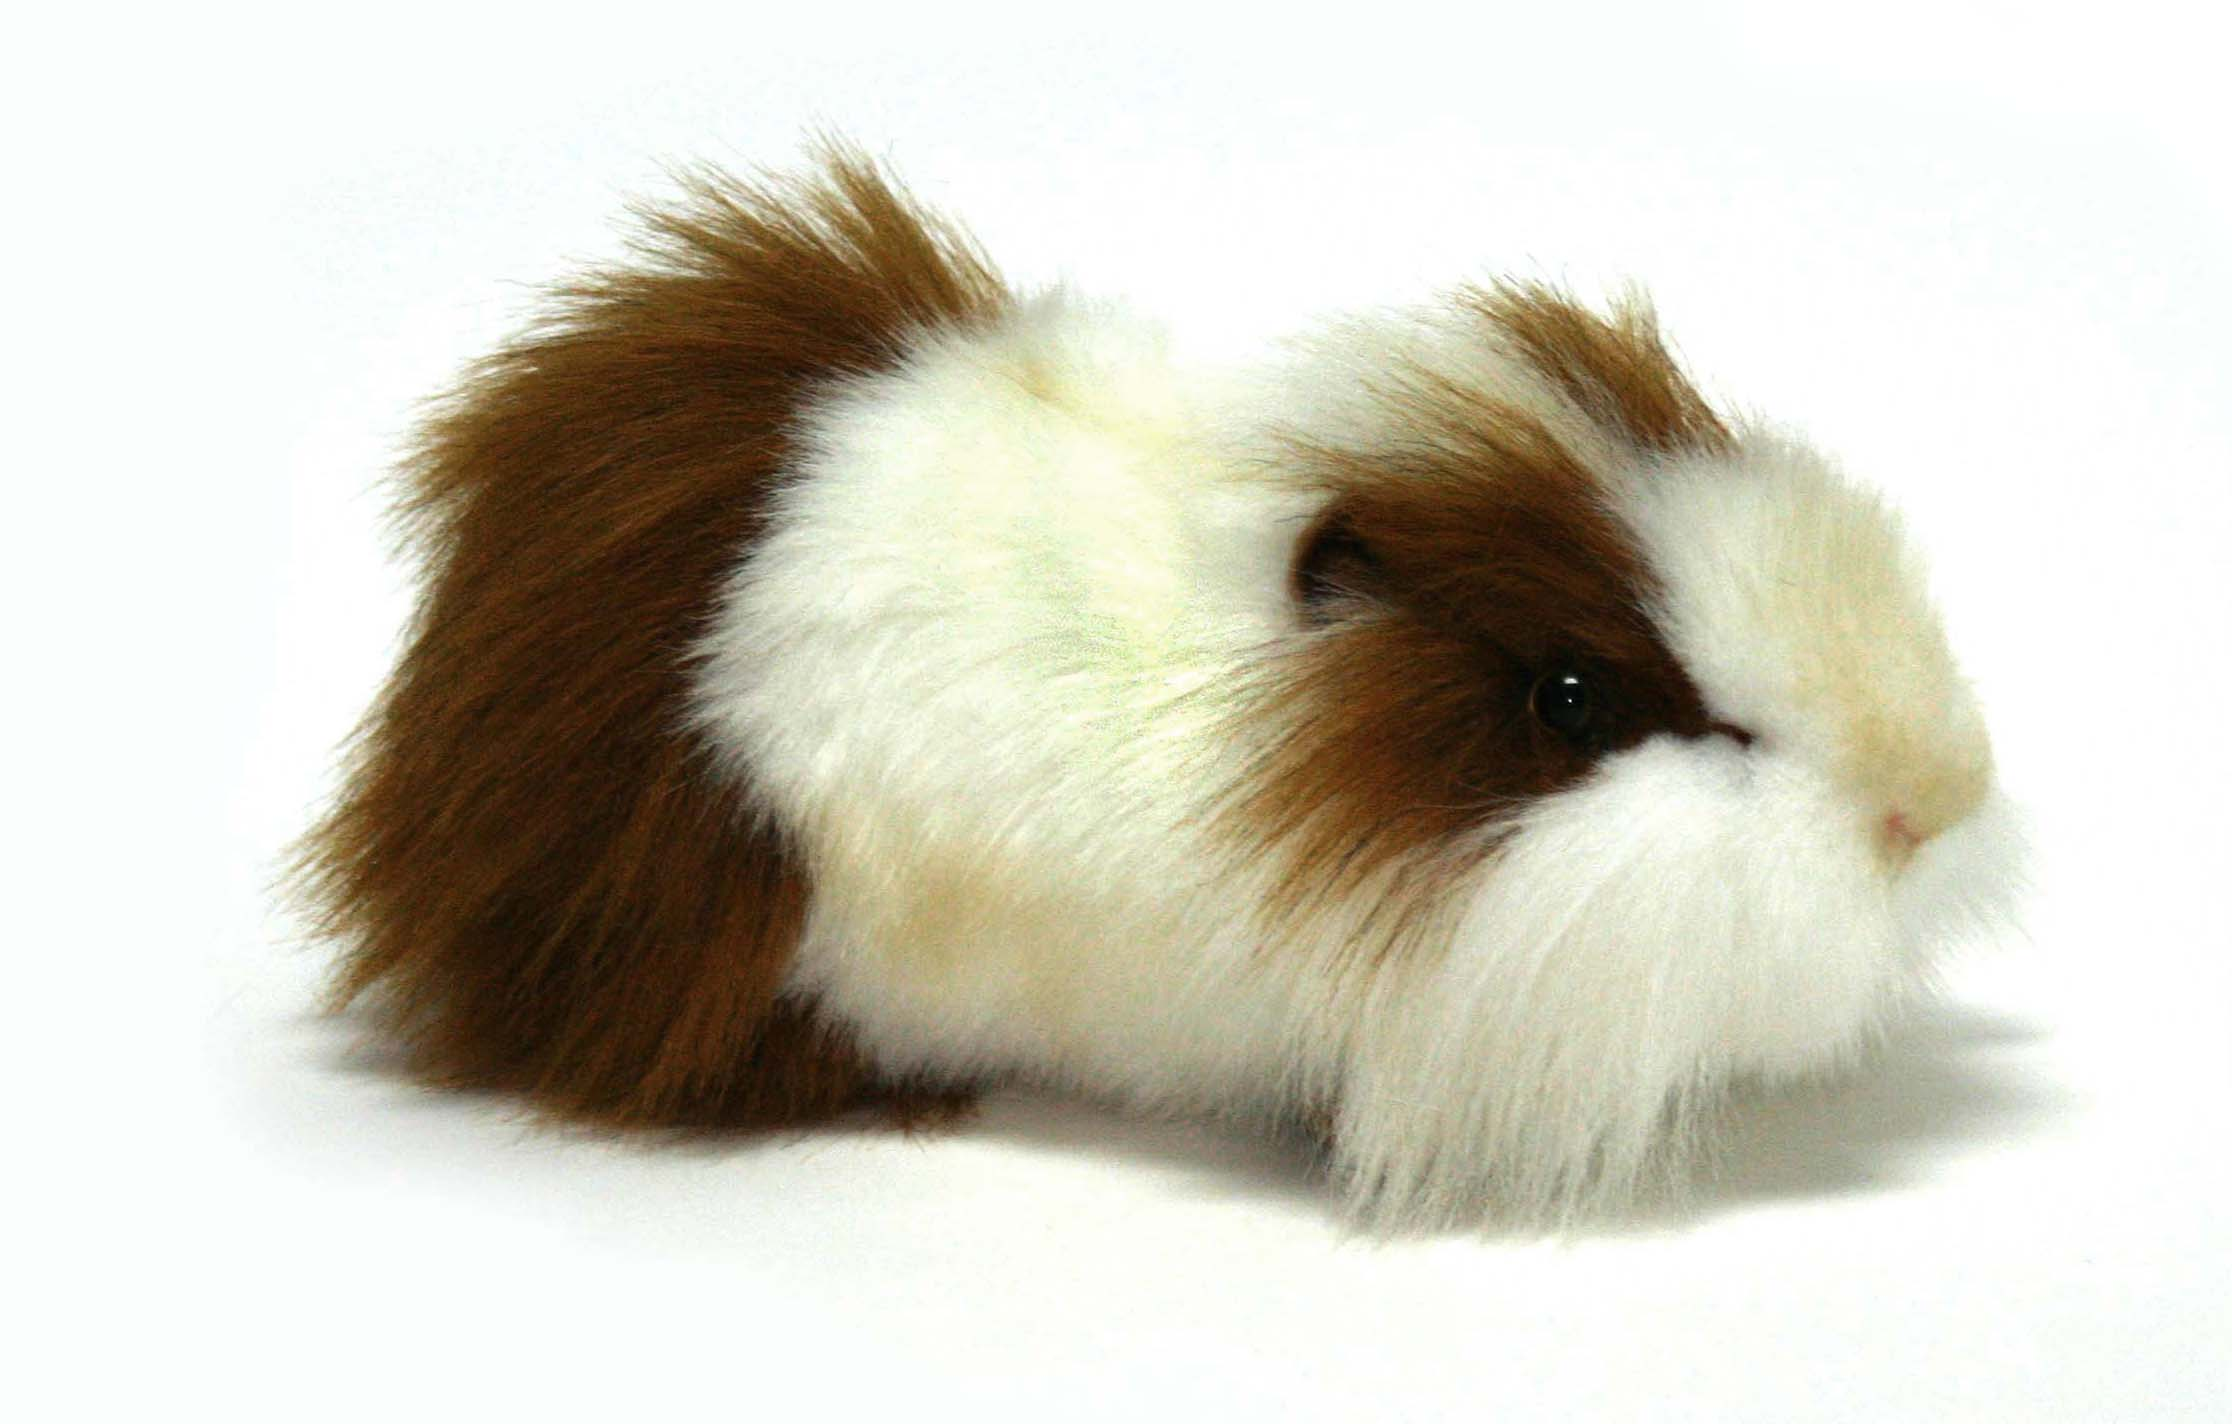 Мягкая игрушка – Морская свинка, бело-рыжая, 24 смЖивотные<br>Мягкая игрушка – Морская свинка, бело-рыжая, 24 см<br>